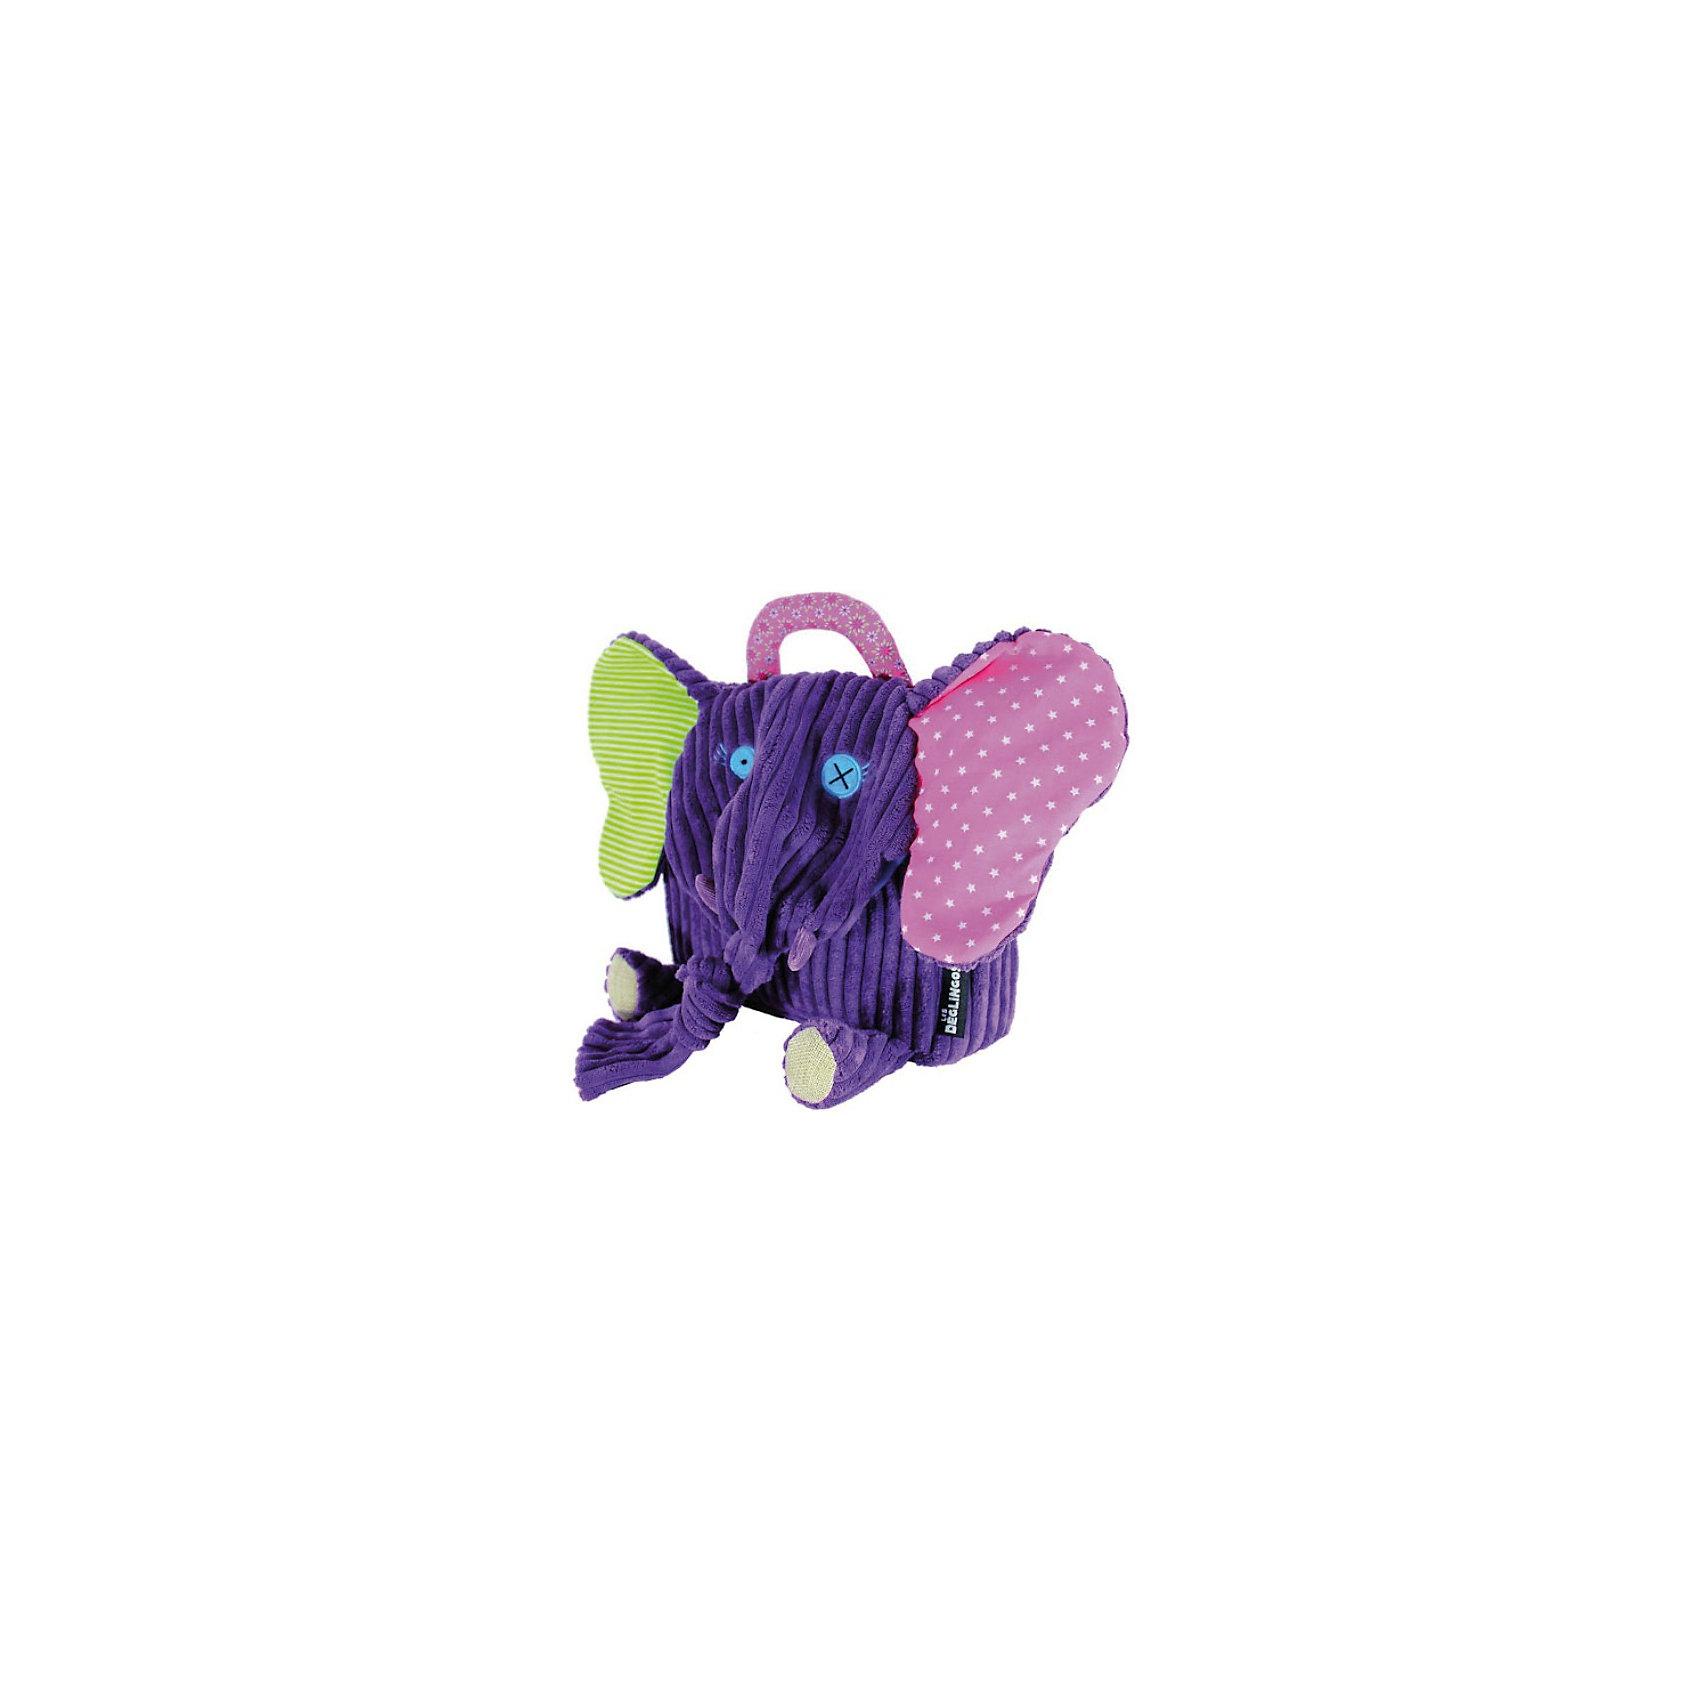 Рюкзак Слоненок Sandykilos, DeglingosПлюшевые сумки и рюкзаки<br>Очаровательный рюкзачок Слоненок Sandykilos от французского бренда Deglingos (Деглингос) сразу покорит Ваше сердце!<br> <br>Уже при первом прикосновении к слоненку Вы и Ваш ребенок почувствуйте всю любовь, с которой был сшит этот рюкзачок!<br><br>У слоненка разноцветные уши, длинный хобот и розовая ручка. Удивительно мягкий, выполненный из нежного вельвета, с ручной вышивкой, слоненок не даст малышу затеряться среди сверстников. <br><br>Рюкзачок имеет удобную застежку на липучке и регулируемые лямки. Рюкзак изготовлен из высококачественных материалов и соотвествуют европейскому стандарту EN71.<br><br>Сложив в слоненка все необходимое, Ваш ребенок сможет отправиться с ним в детский сад, на прогулку или в поездку.<br><br>Очаровательный слоненок Sandykilos станет хорошим другом Вашему малышу!<br><br><br>Дополнительная информация:<br><br>- Ручная работа<br>- Замок на липучках<br>- Регулируемые лямки<br>- Материал: высококачественный текстиль, хлопок и полиэстр<br>- Размер: 25 х 25 см<br>- Соответствует ЕС и нормами США по безопасности игрушек (EN71, ASTM, AZO)<br><br>Рюкзак Слоненок Sandykilos от Deglingos можно купить в нашем интернет-магазине.<br><br>Ширина мм: 250<br>Глубина мм: 300<br>Высота мм: 60<br>Вес г: 160<br>Возраст от месяцев: 24<br>Возраст до месяцев: 60<br>Пол: Унисекс<br>Возраст: Детский<br>SKU: 2607973